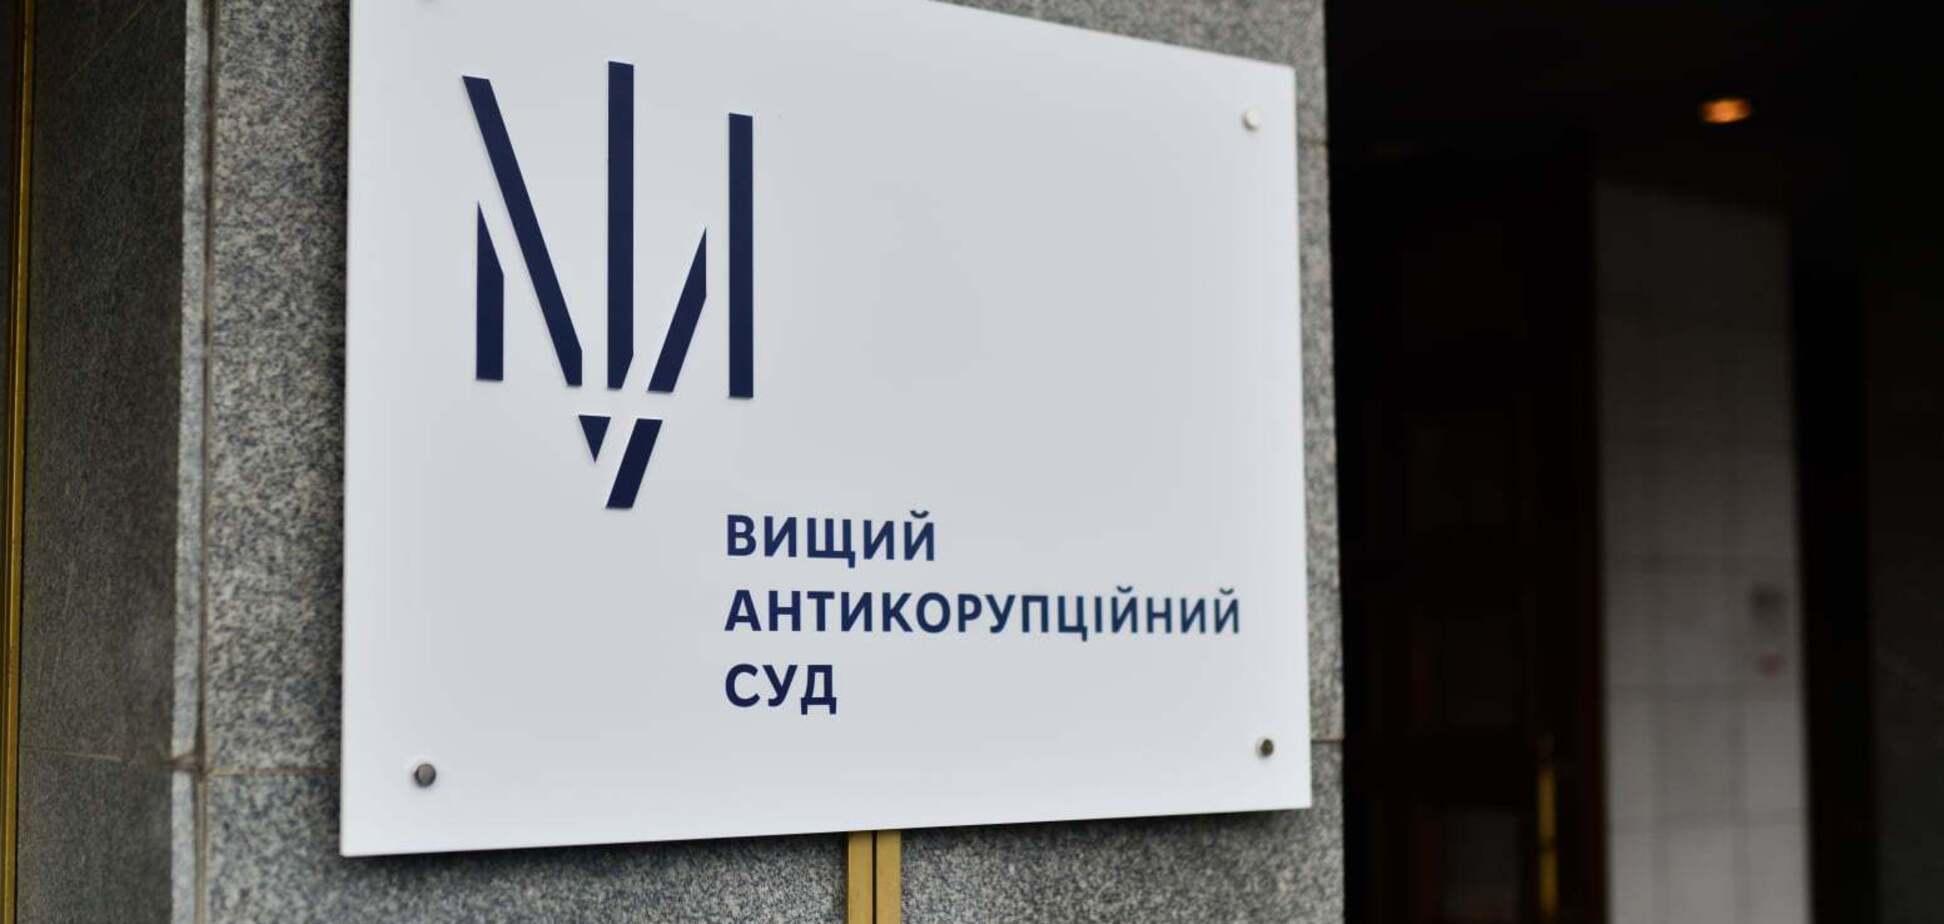 Высший антикоррупционный суд Украины